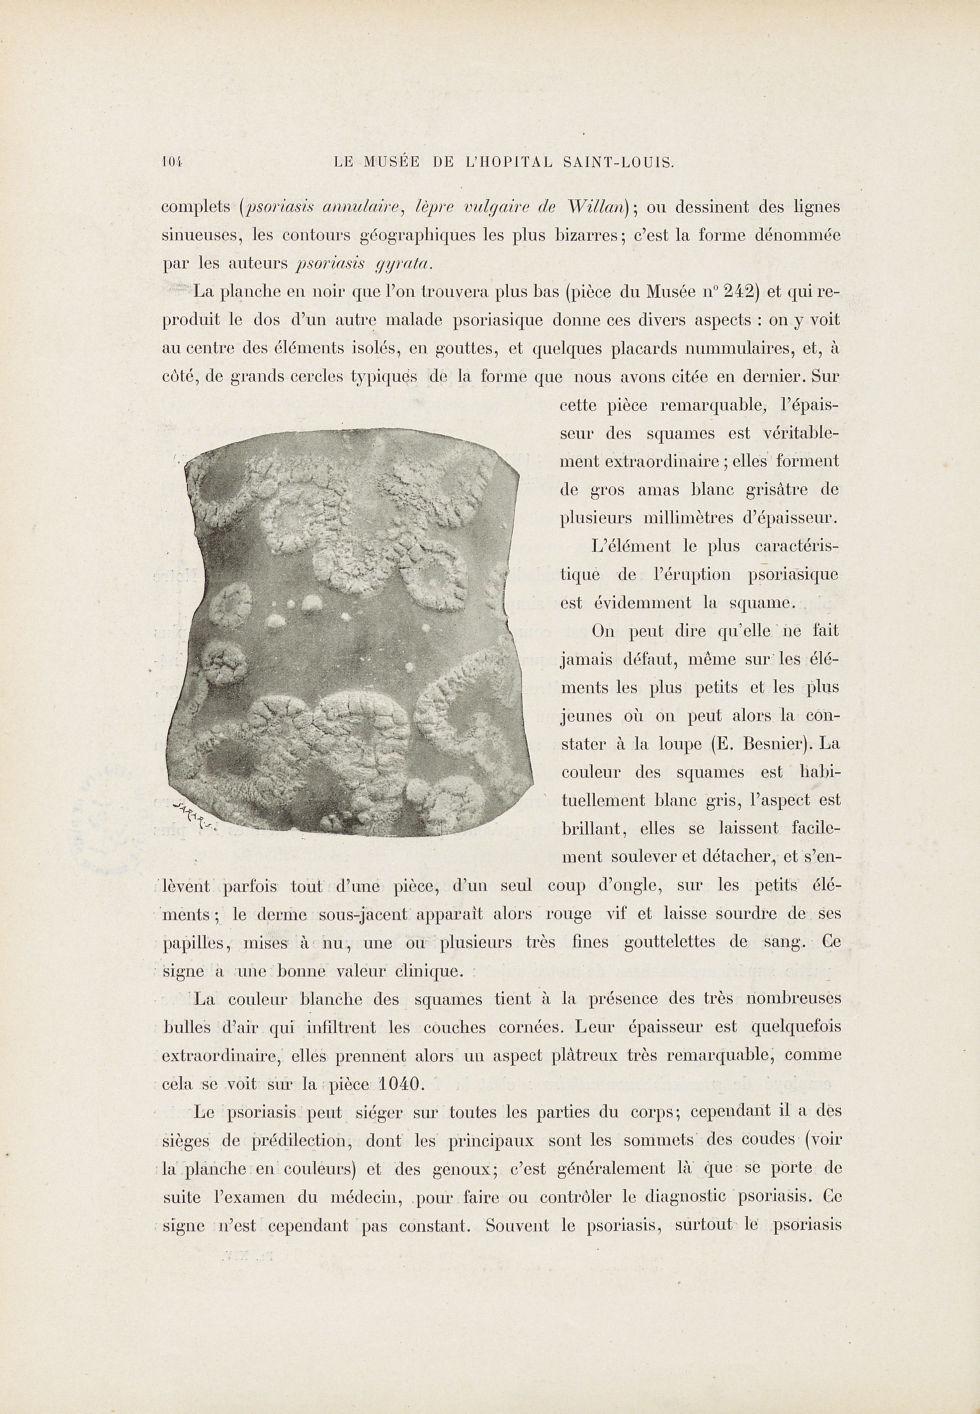 [Psoriasis] - Le musée de l'hôpital Saint-Louis : iconographie des maladies cutanées et syphilitique [...] - Dermatologie (peau). Dos. 19e siècle (France) - med01740x0125